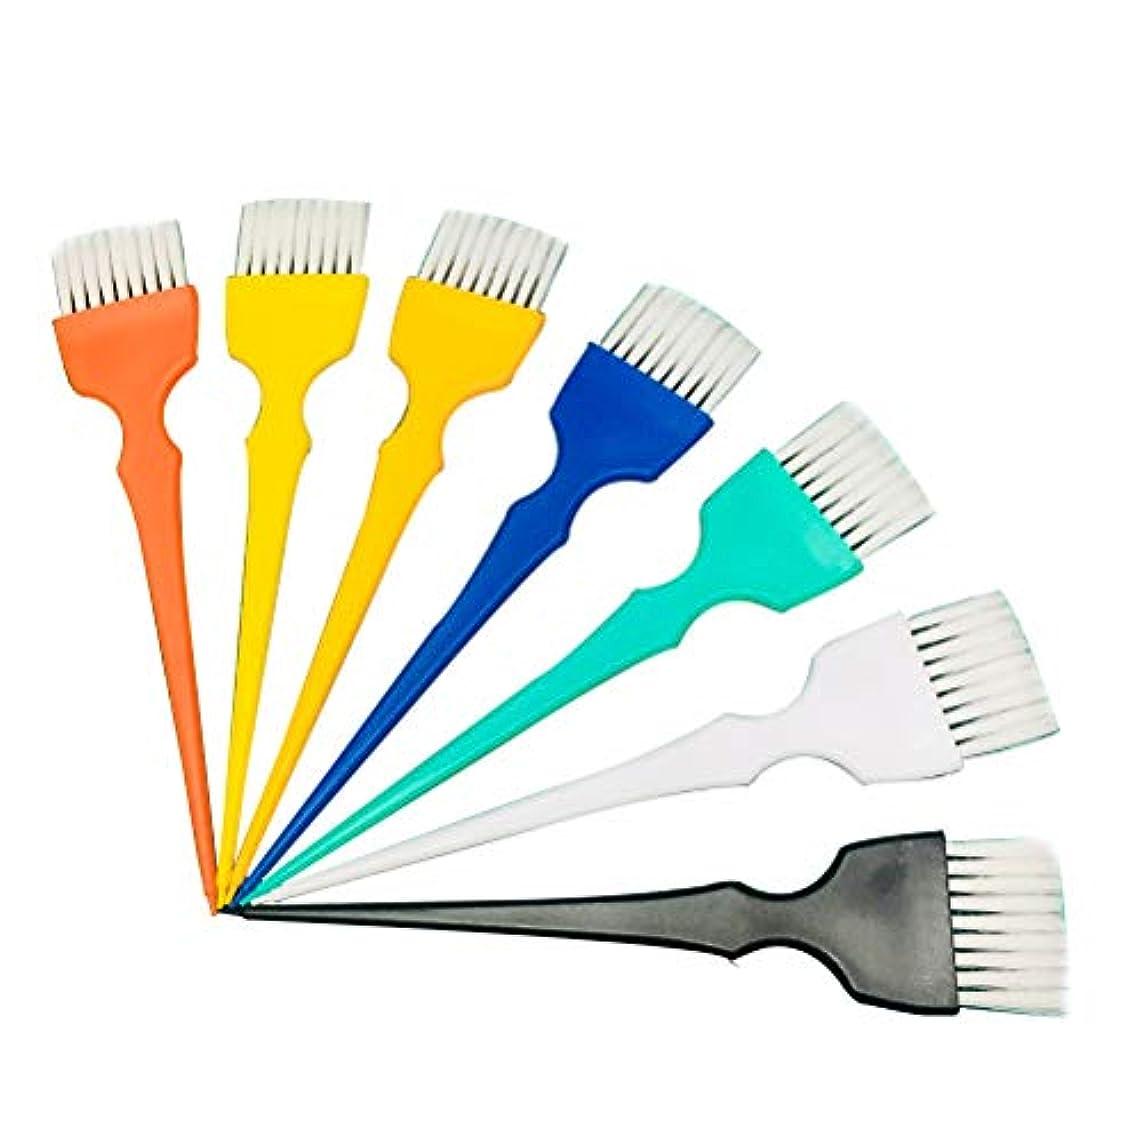 原理見せます刺繍Frcolor ヘアダイブラシ ヘアカラーブラシ ヘアダイコーム 白髪染め 家庭用 美容師プロ用 プラスチック製 7本セット(ランダムカラー)